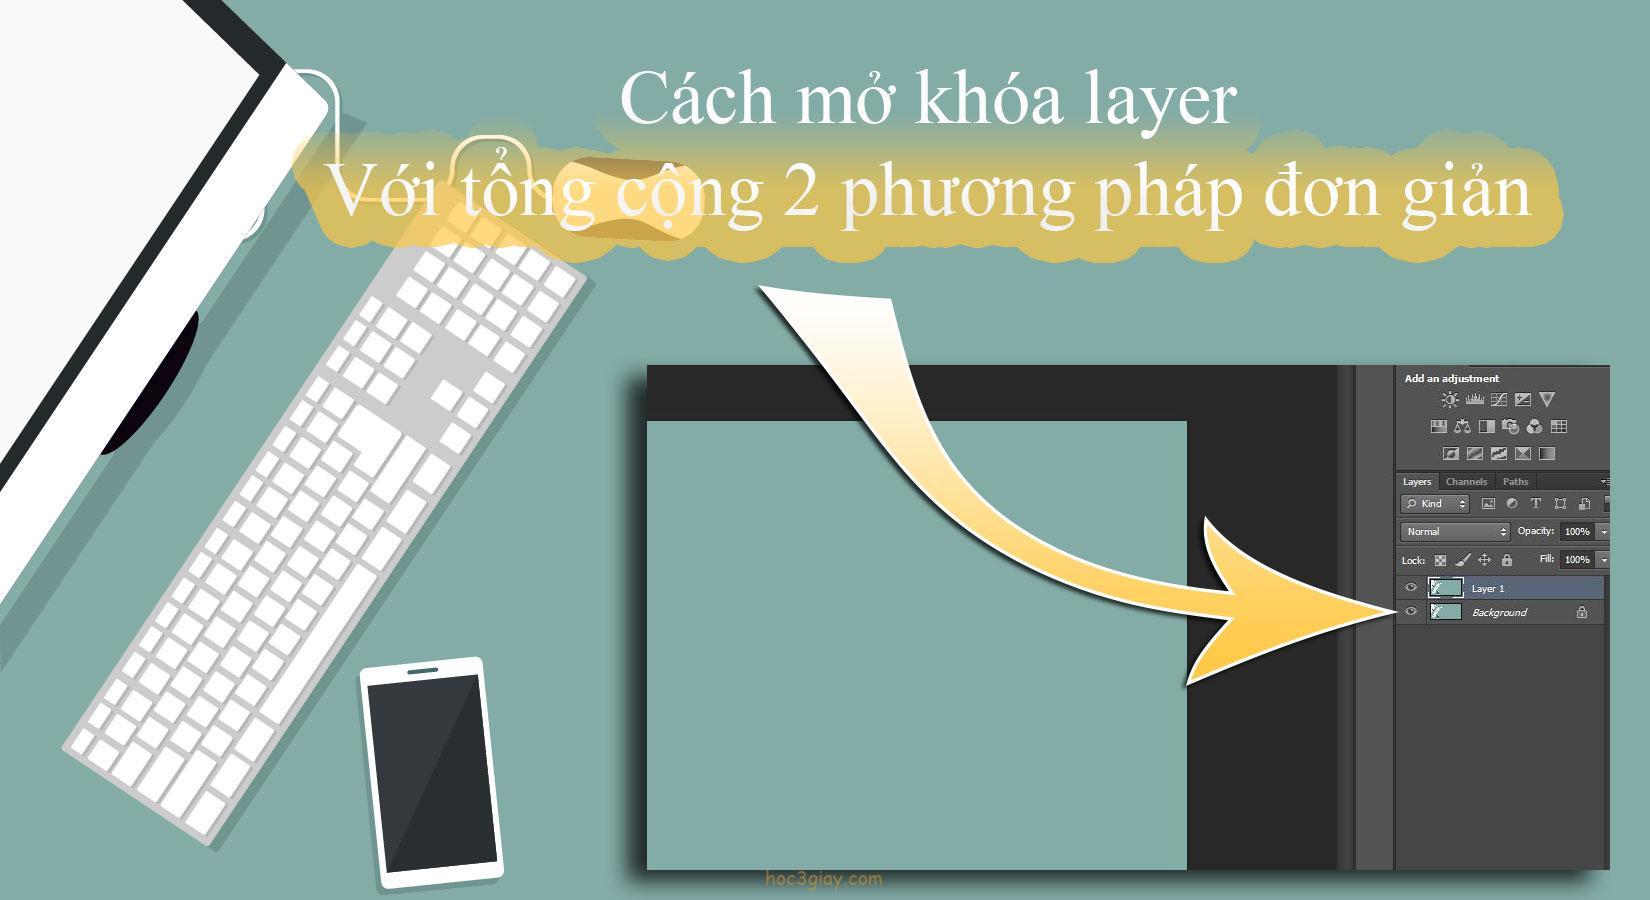 2 phương pháp đơn giản giúp bạn mở khóa layer trên photoshop